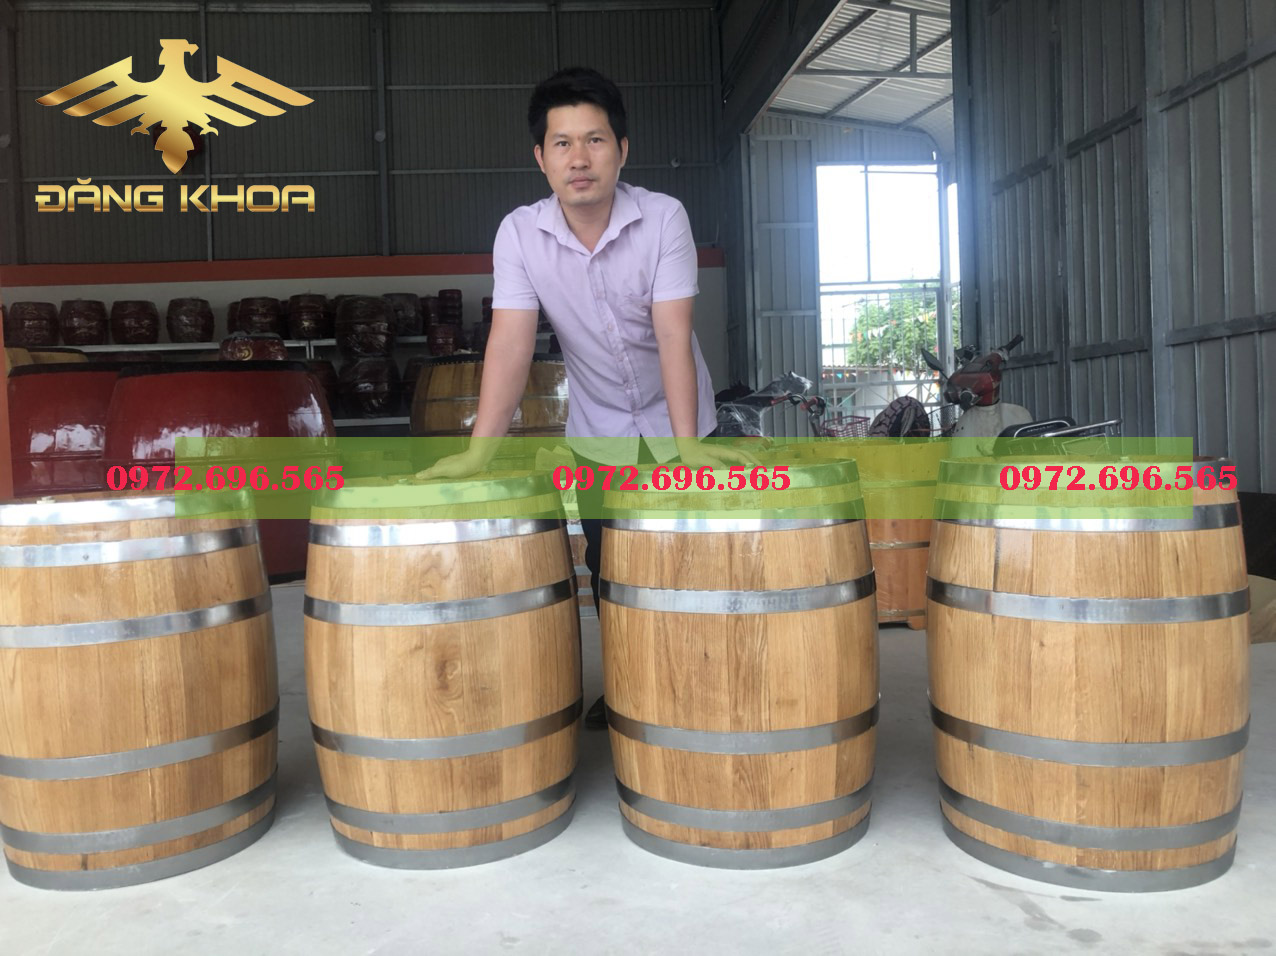 Xưởng sản xuất thùng gỗ sồi Đăng Khoa